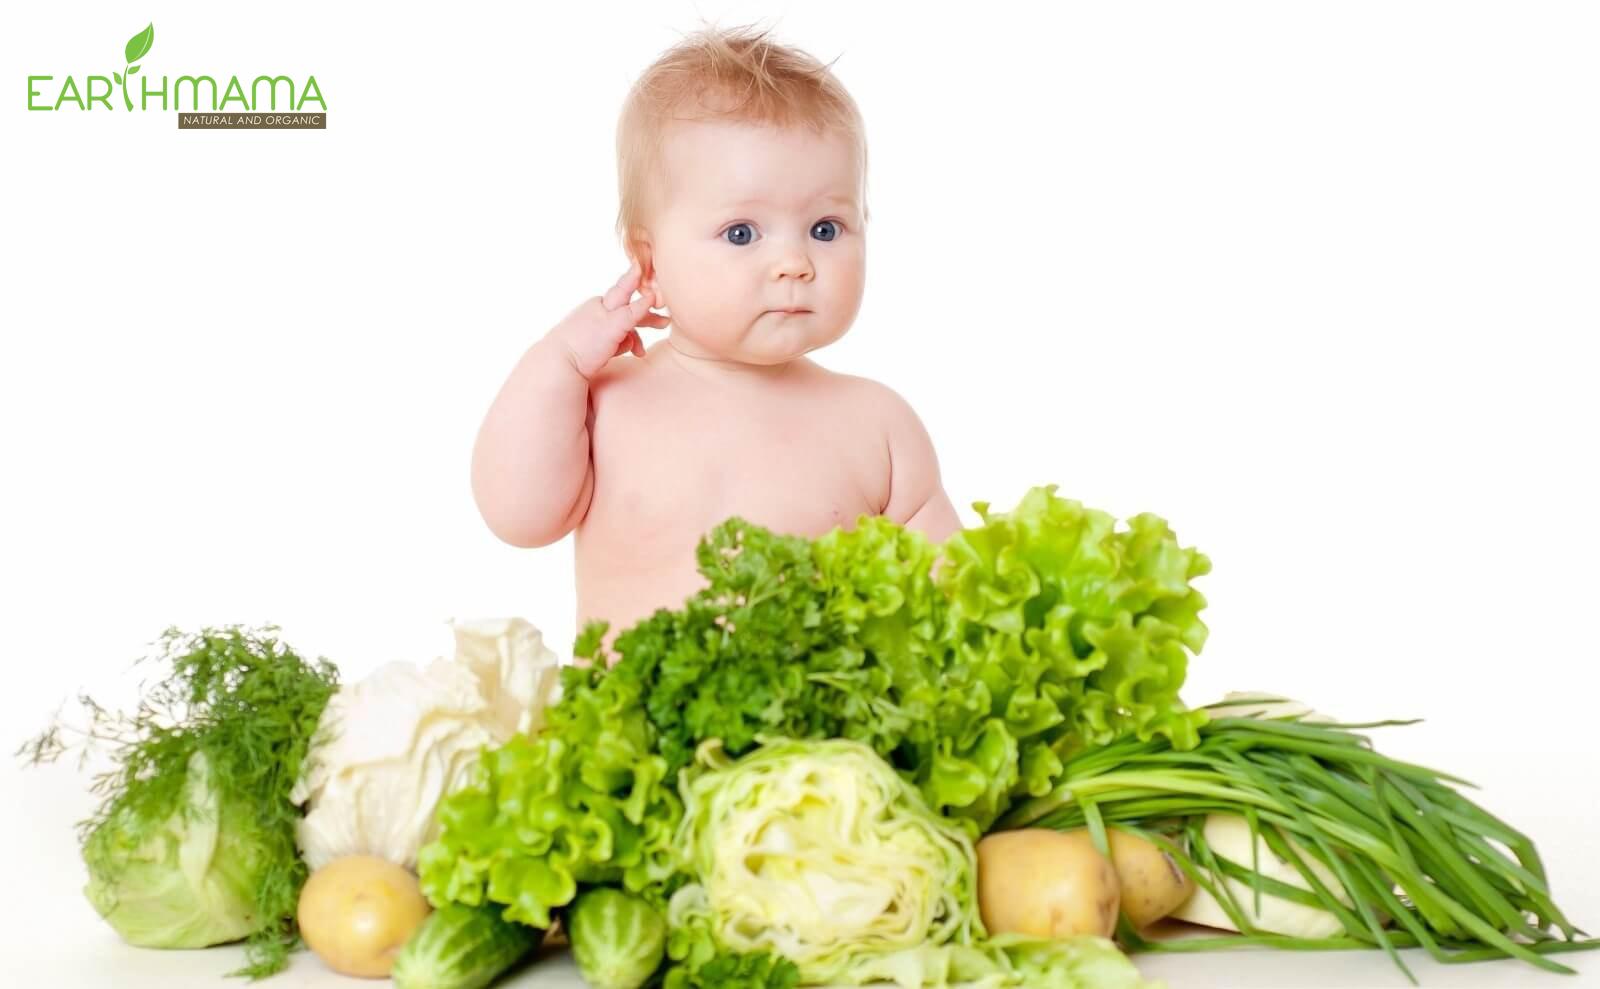 Ngoài việc giữ vệ sinh sạch sẽ cho bé, mẹ còn phải kiêng cữ một số loại thực phẩm cho bé.